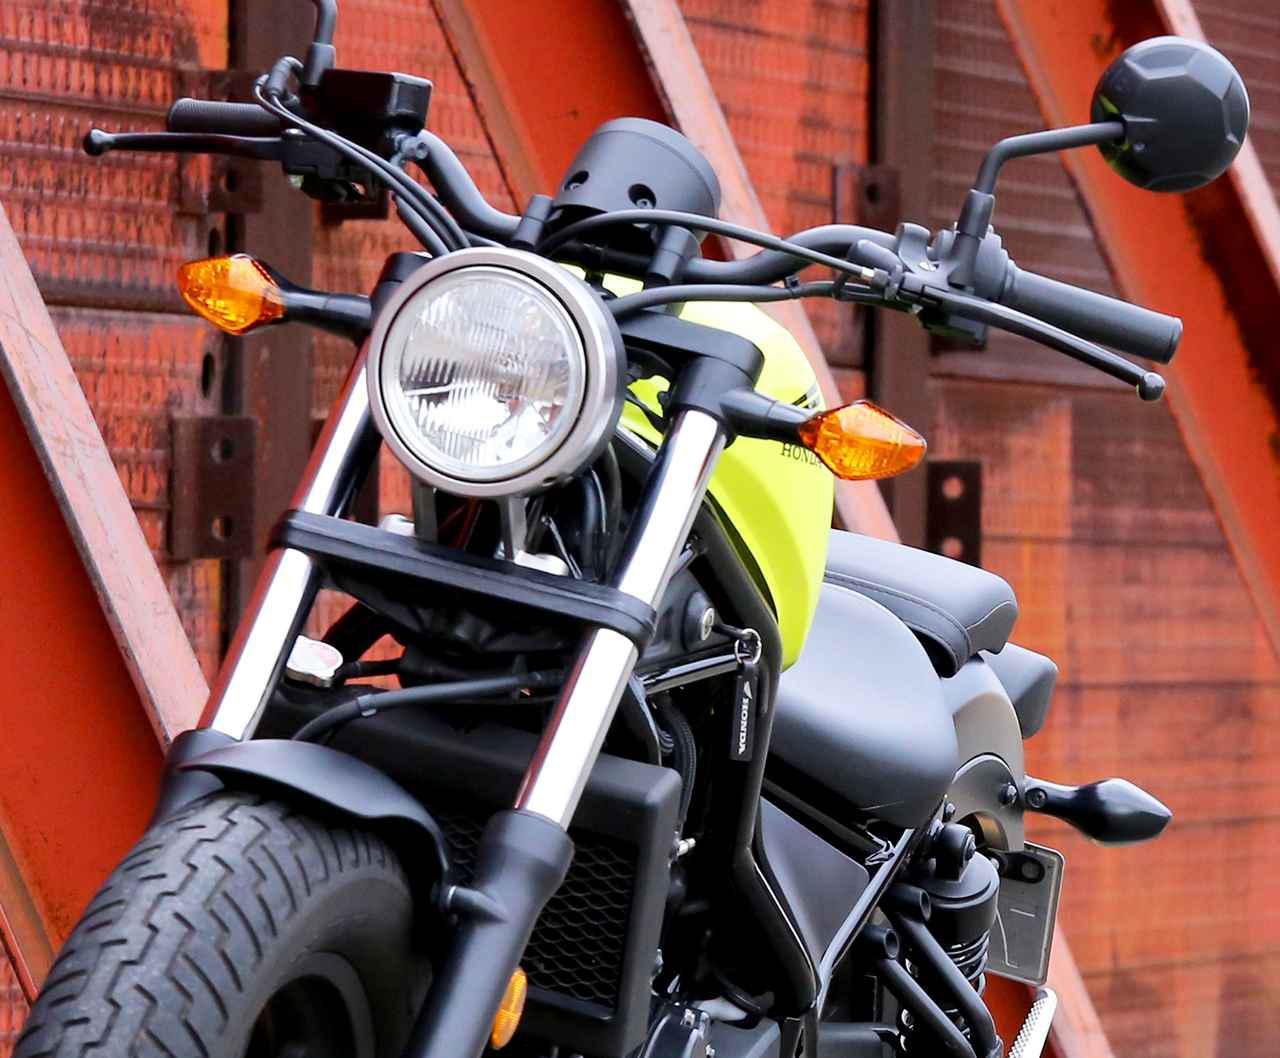 画像: 【バイクを高く売る8つのコツ】査定に出す前に知っておきたい買取攻略完全マニュアル! - webオートバイ